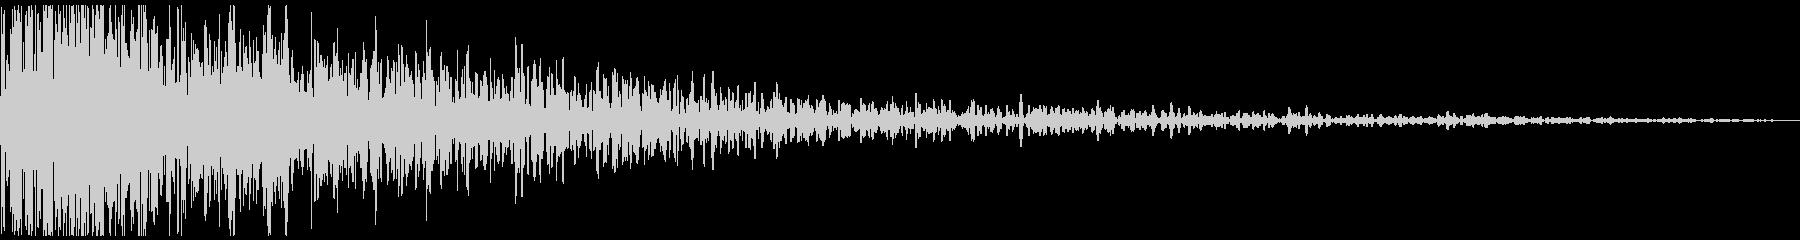 ドーン、ドカーン(爆弾が爆発する音)の未再生の波形